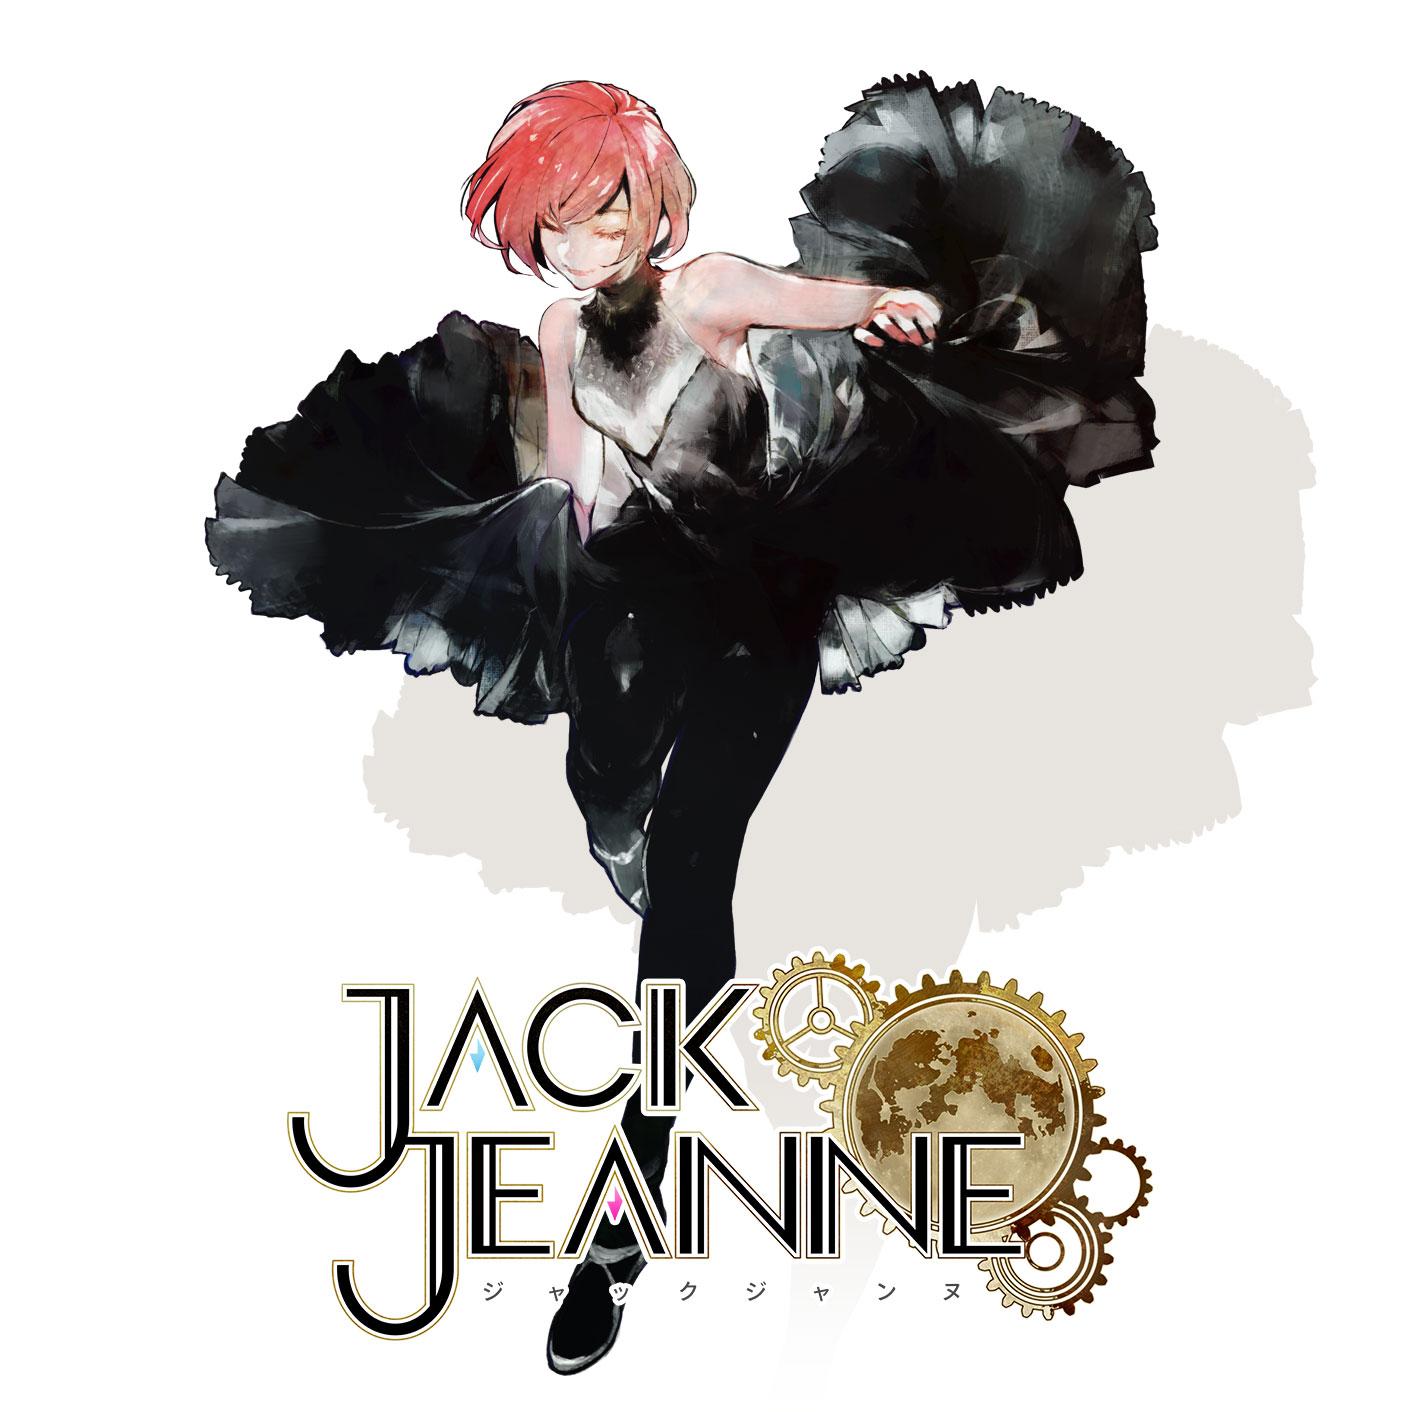 『ジャックジャンヌ』最新PV解禁&OP配信スタート!『東京喰種』石田スイ先生がキャラデザ・シナリオなどを担当するゲーム